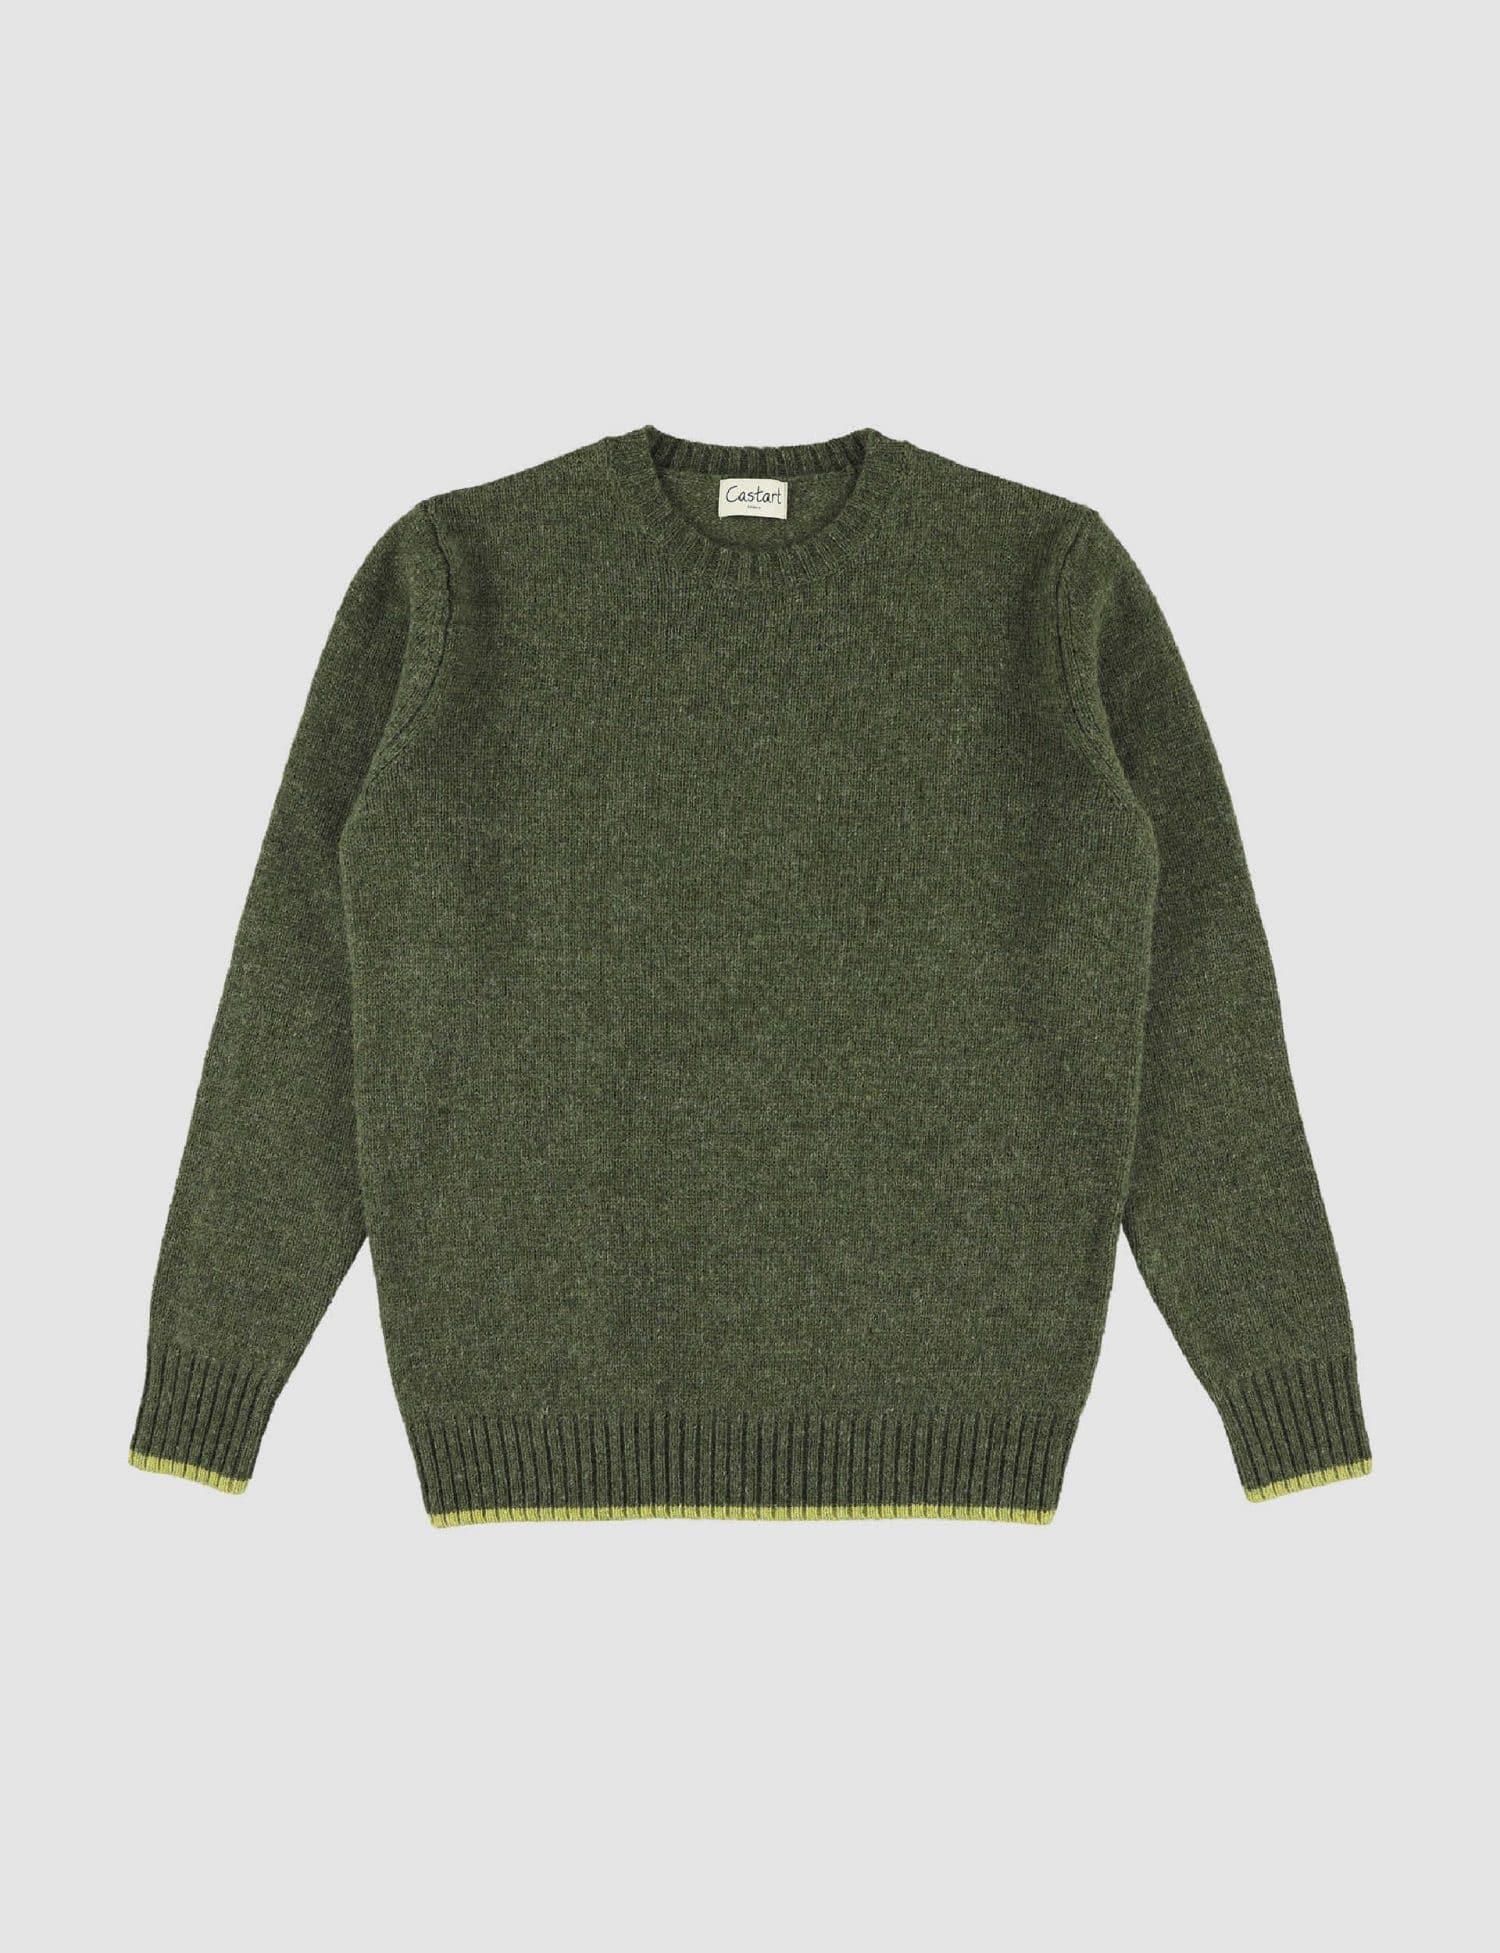 Kotin Kakhi knitwear